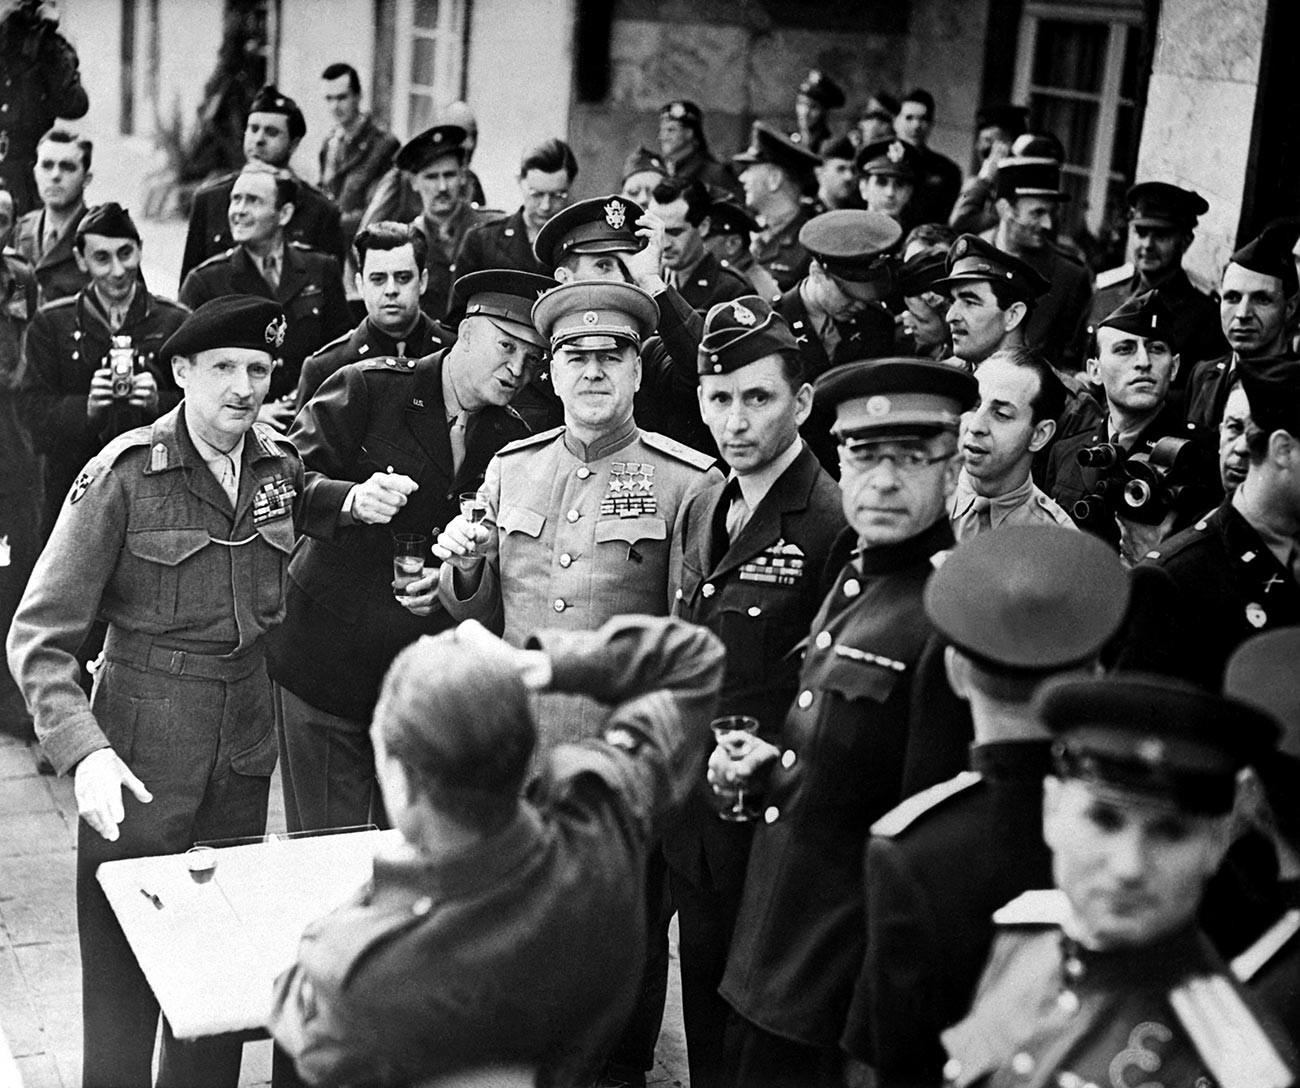 Британският фелдмаршал Бернард Монтгомъри (вляво), американският генерал Дуайт Айзенхауер и съветският фелдмаршал Георги Жуков, вдясно от Монтгомери. Британският въздушен маршал сър Артър Тедър (вдясно от Жуков)